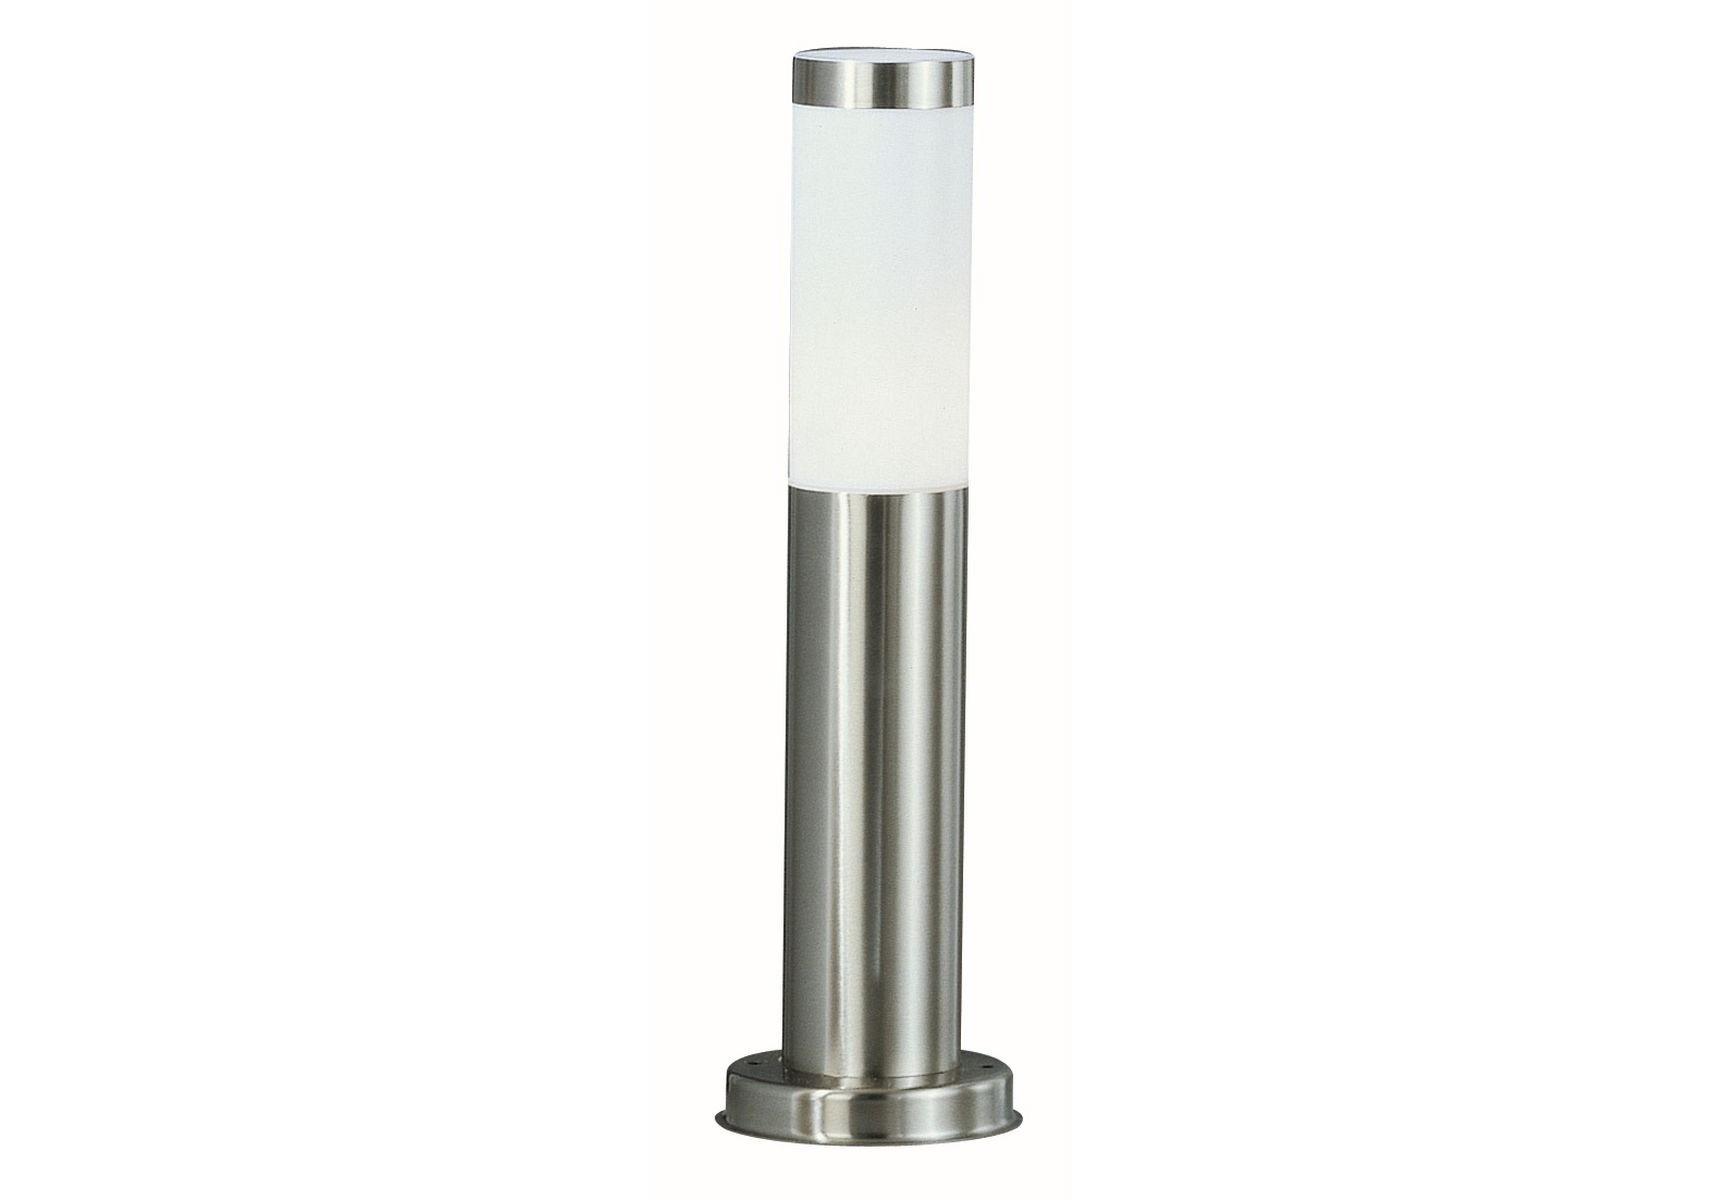 Светильник уличныйУличные наземные светильники<br>&amp;lt;div&amp;gt;Вид цоколя: Е27&amp;lt;/div&amp;gt;&amp;lt;div&amp;gt;Мощность лампы: 60W&amp;amp;nbsp;&amp;lt;/div&amp;gt;&amp;lt;div&amp;gt;Количество ламп: 1&amp;lt;/div&amp;gt;<br><br>Material: Сталь<br>Height см: 45<br>Diameter см: 13